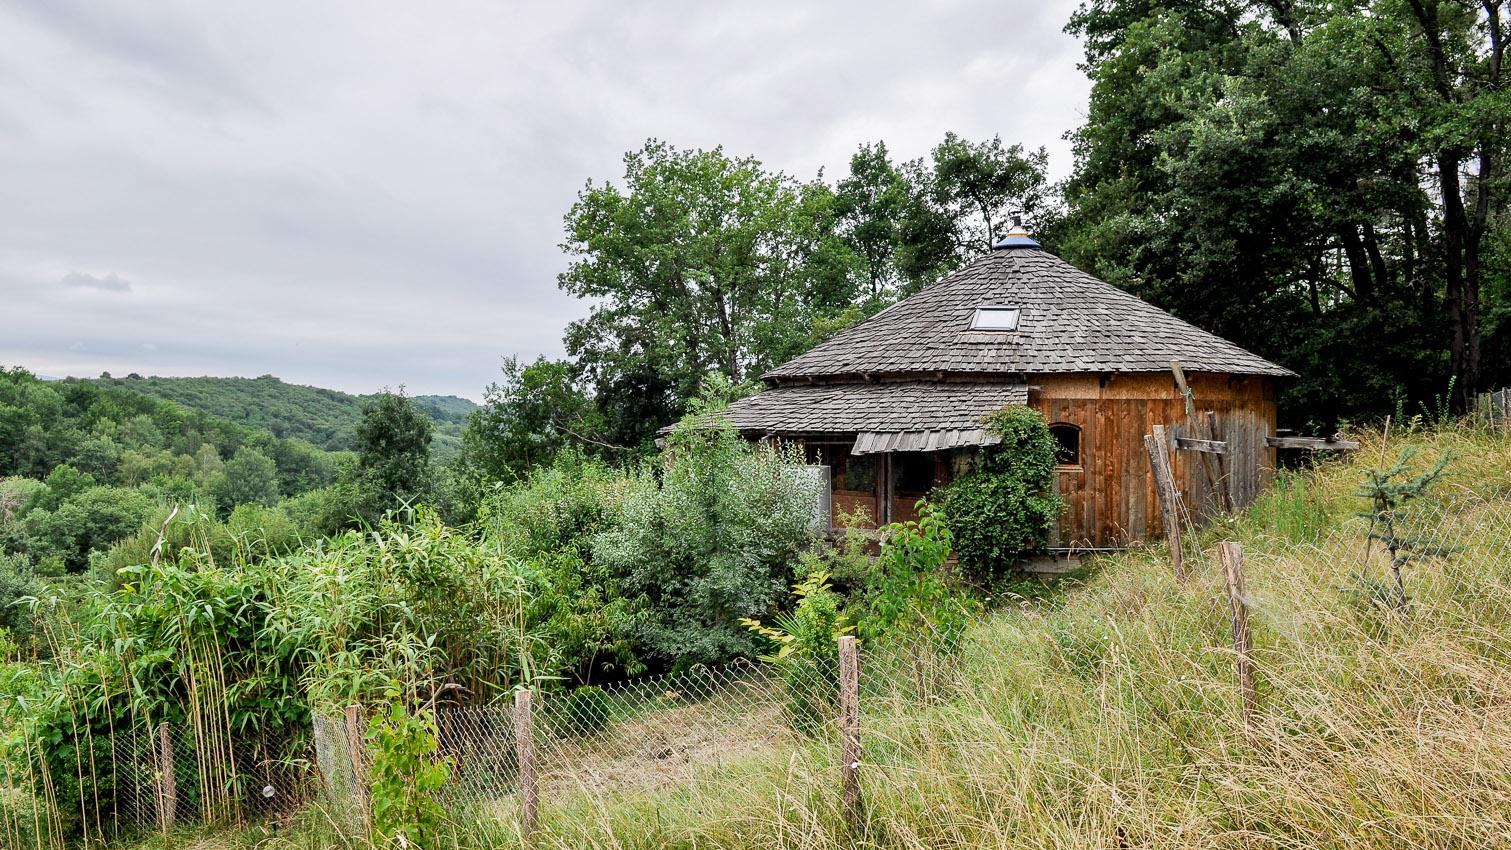 13-habitat-alternatif-yourte-cabane-decors-film-cinema-photo-belgium-bruxelles